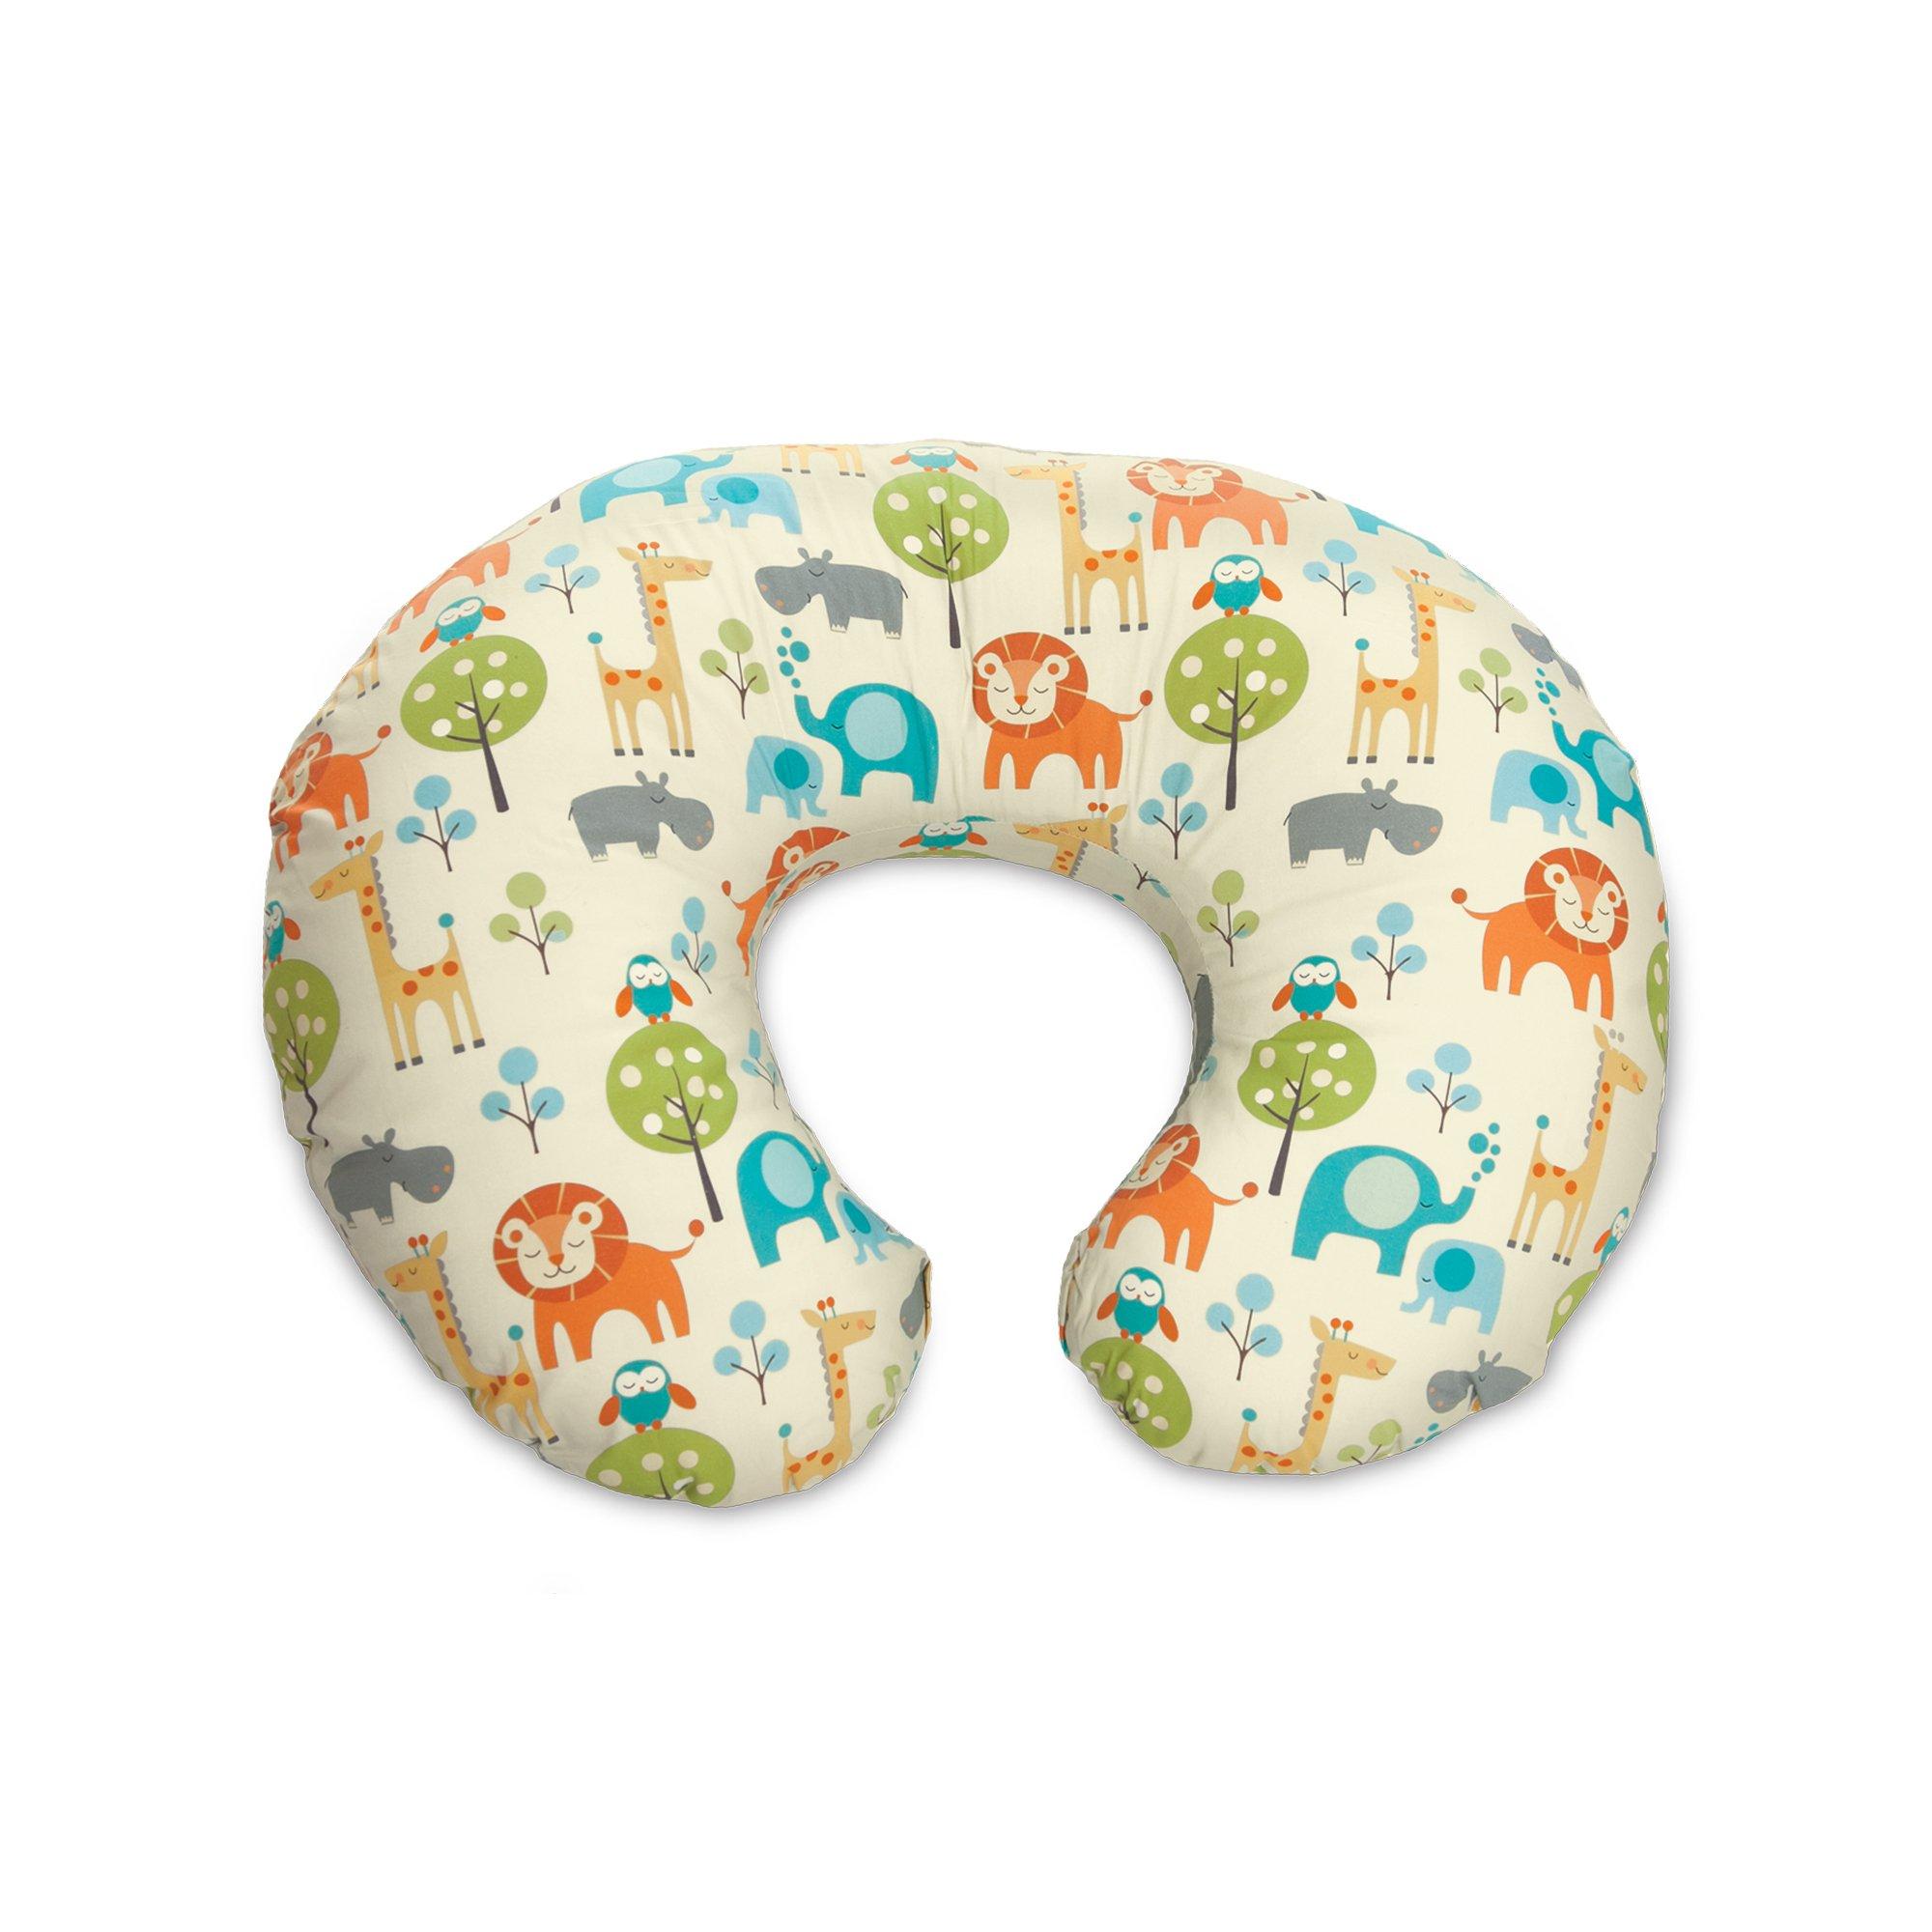 boppy 多功能婴儿枕 和平丛林